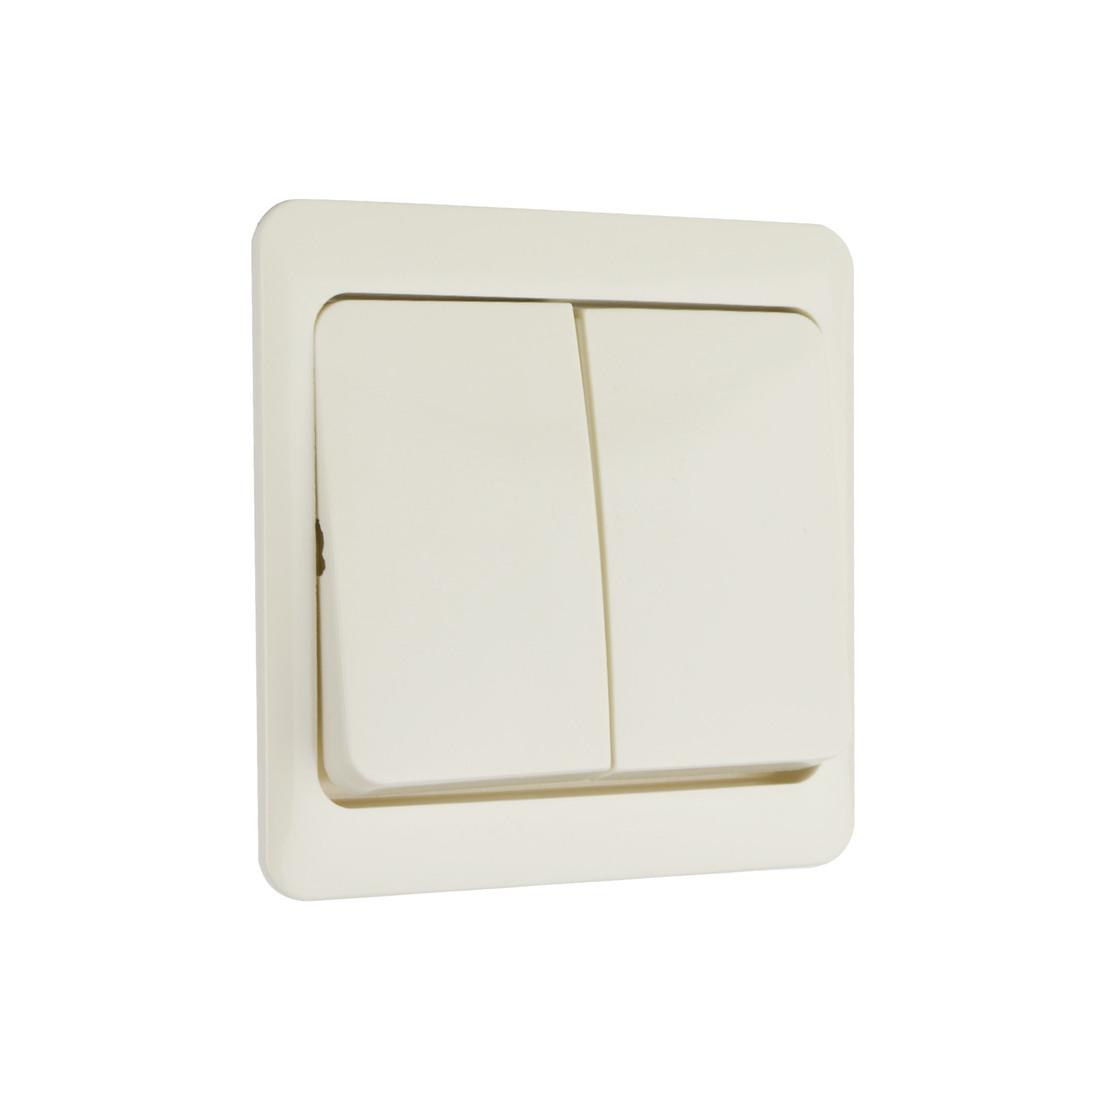 PEHA bedieningswip serieschakelaar - standaard crème wit (D 80.645 W)